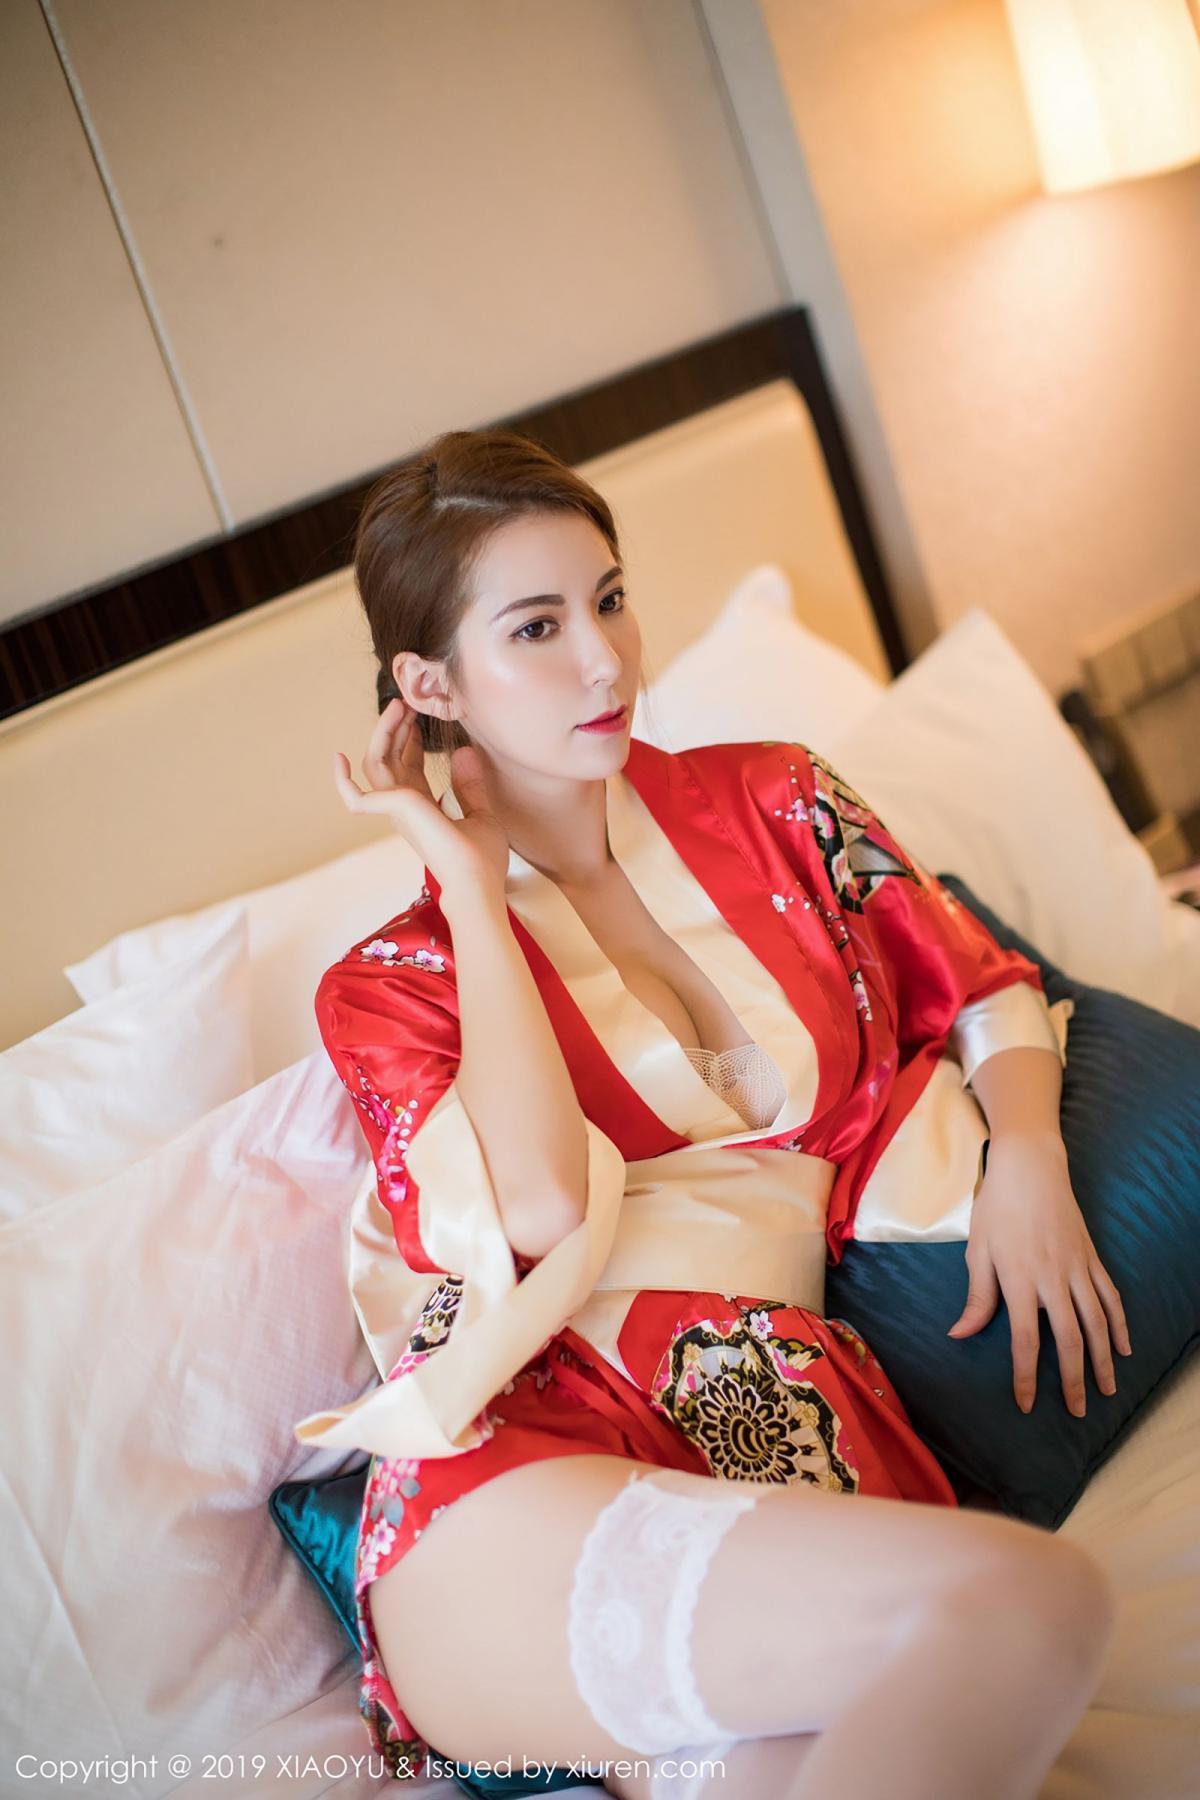 [XiaoYu] Vol.014 Chen Liang Ling 21P, Chen Liang Ling, Kimono, Tall, XiaoYu